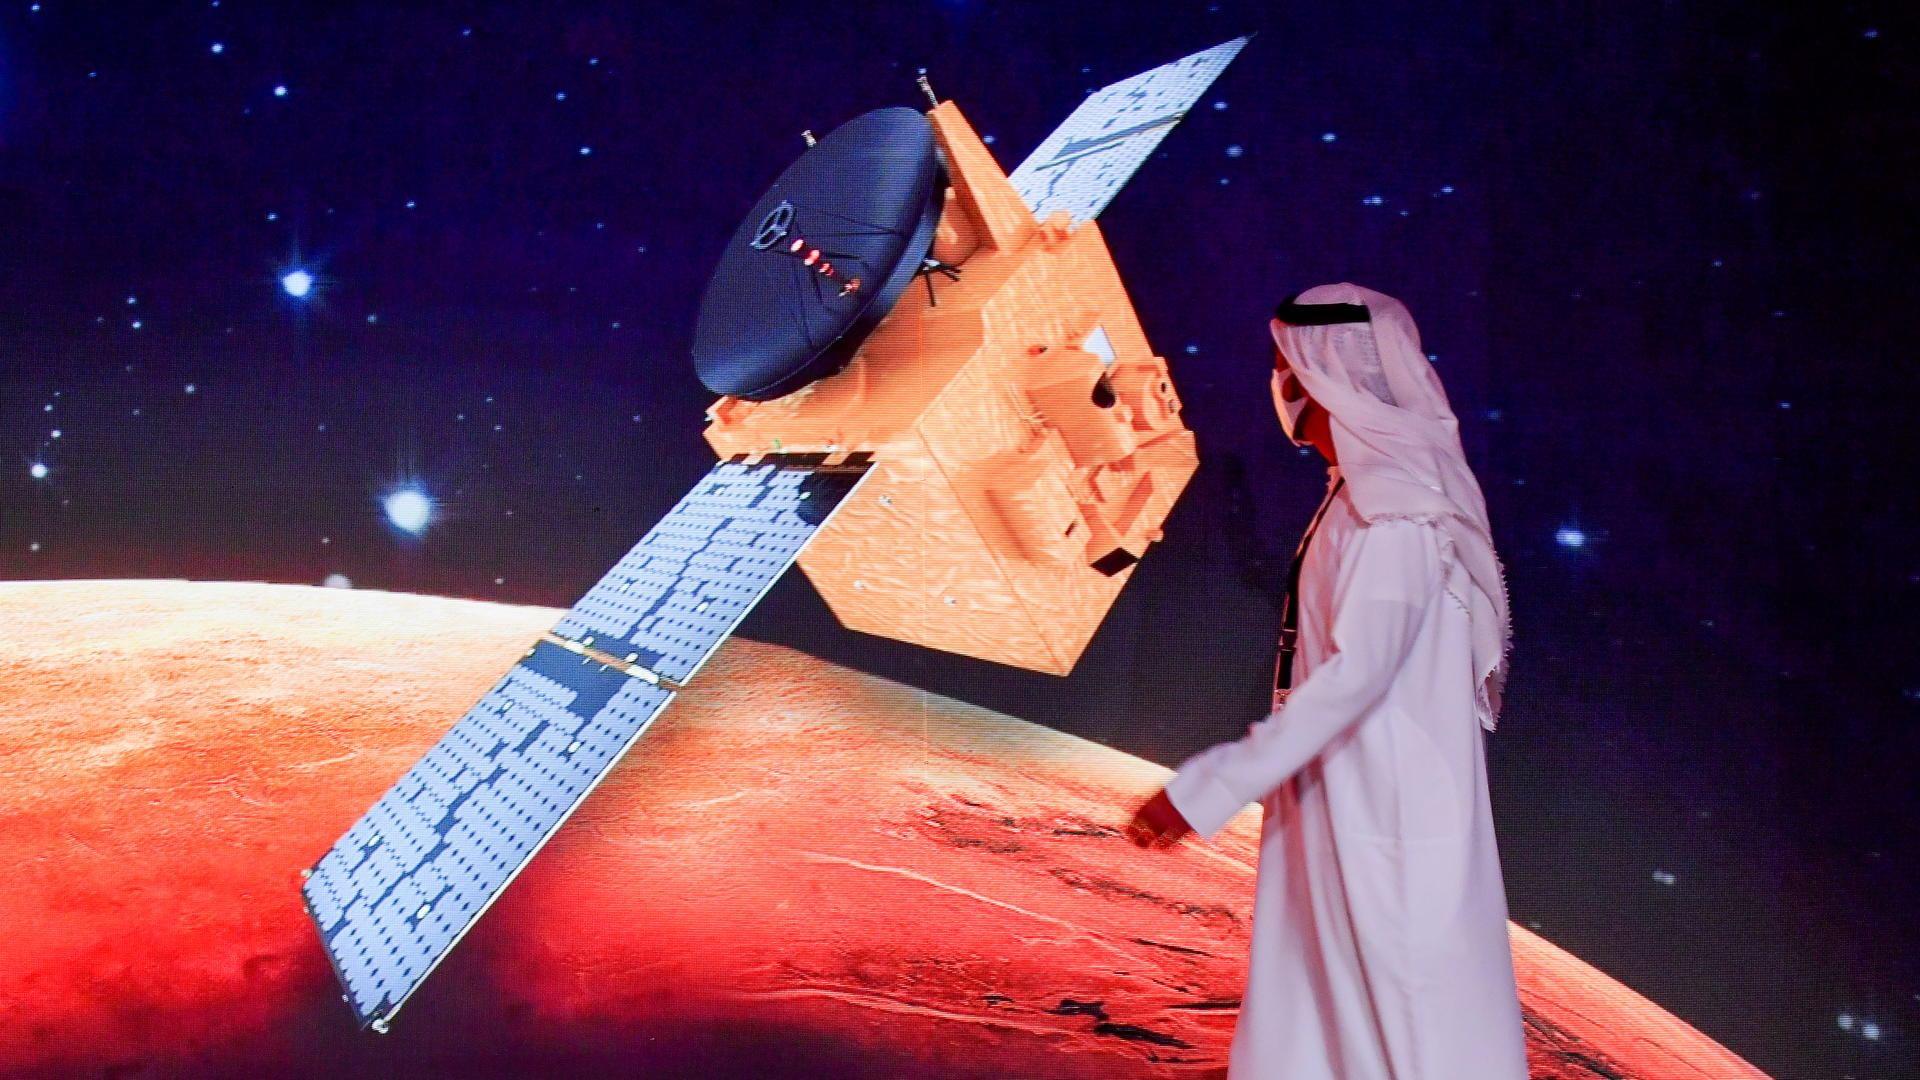 L'espace, nouvelle course mondiale ?